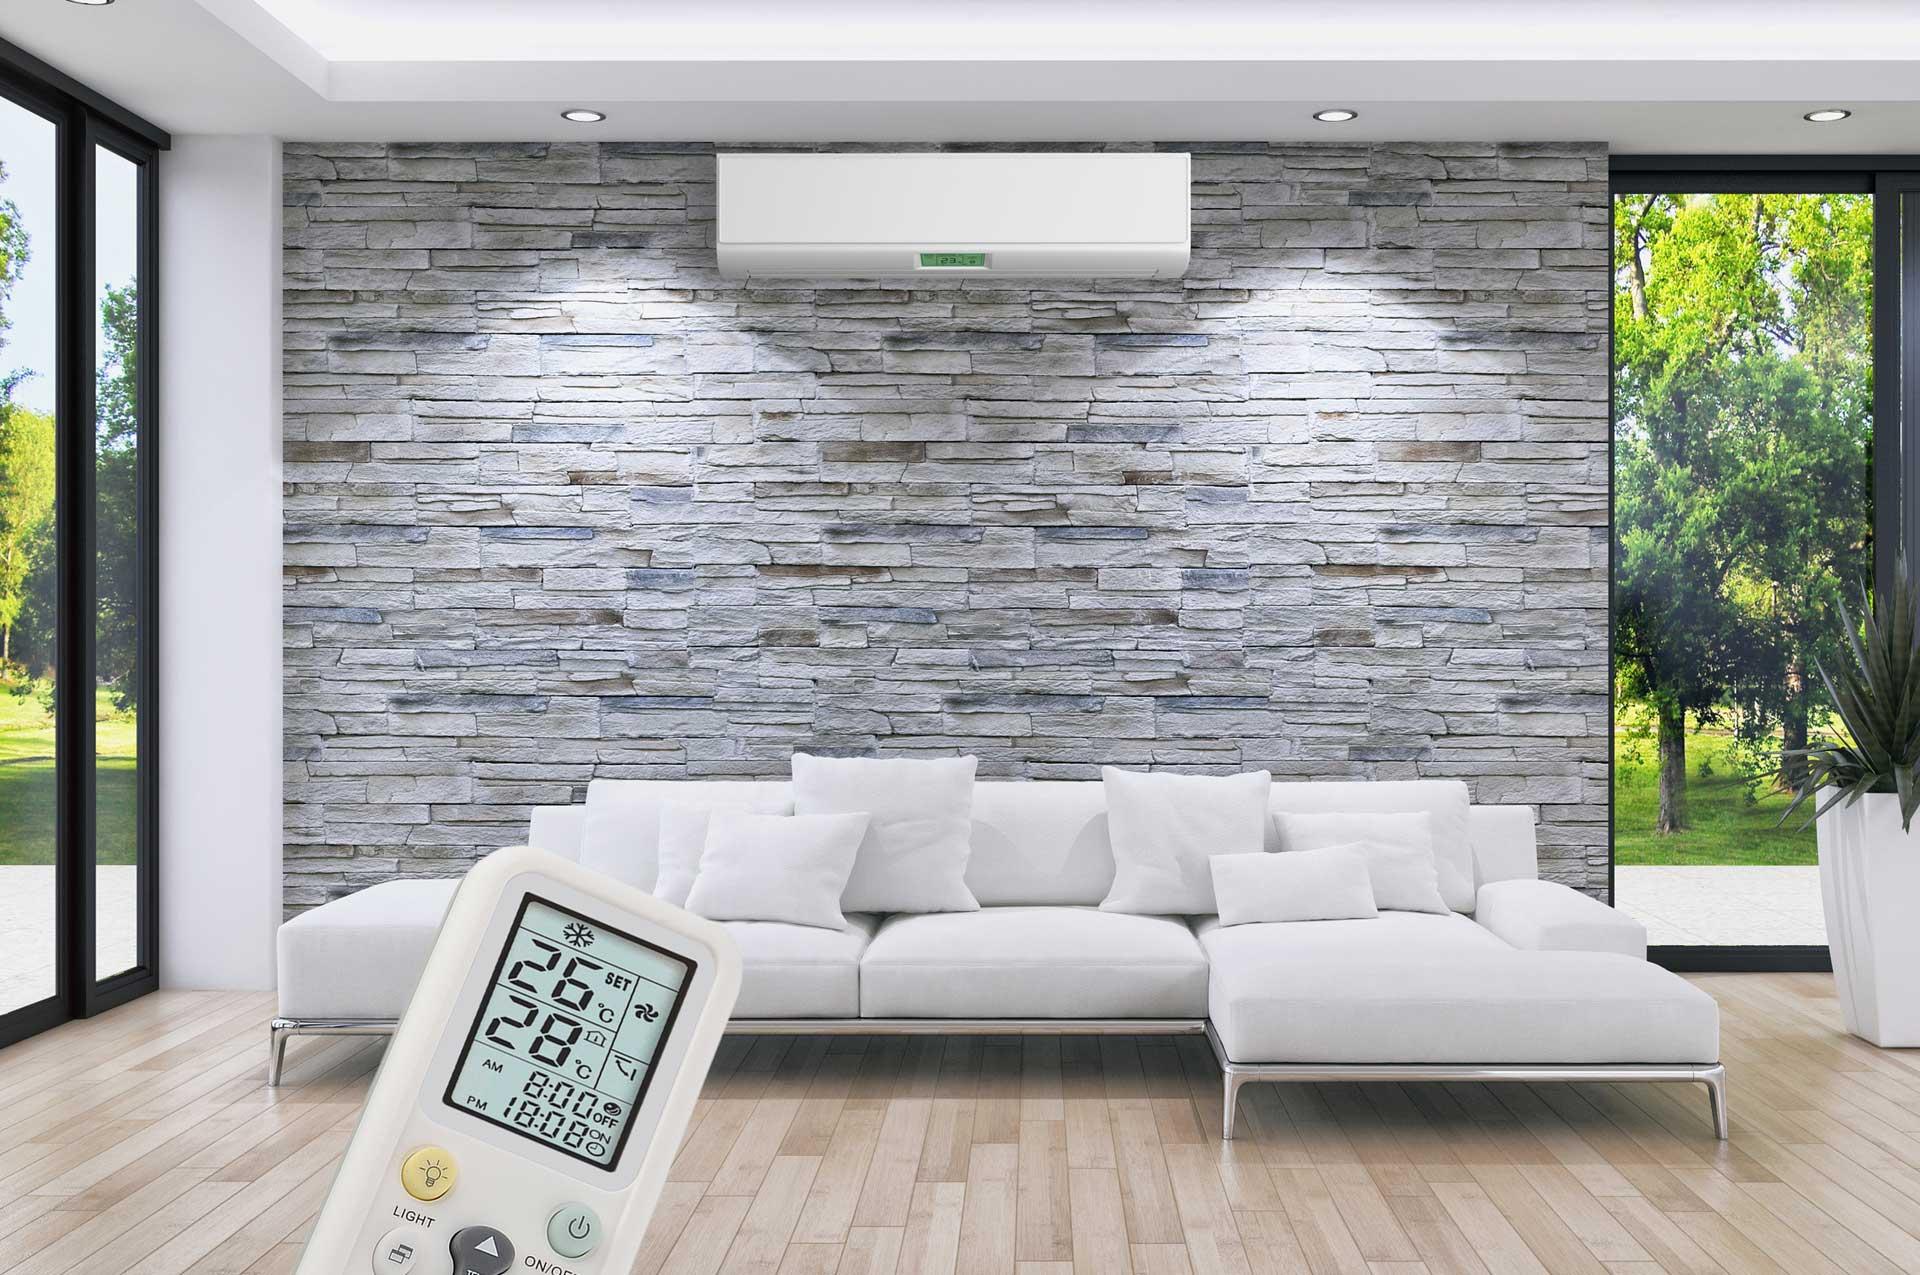 hertweck ehret gmbh heizung klima bad sanit r. Black Bedroom Furniture Sets. Home Design Ideas